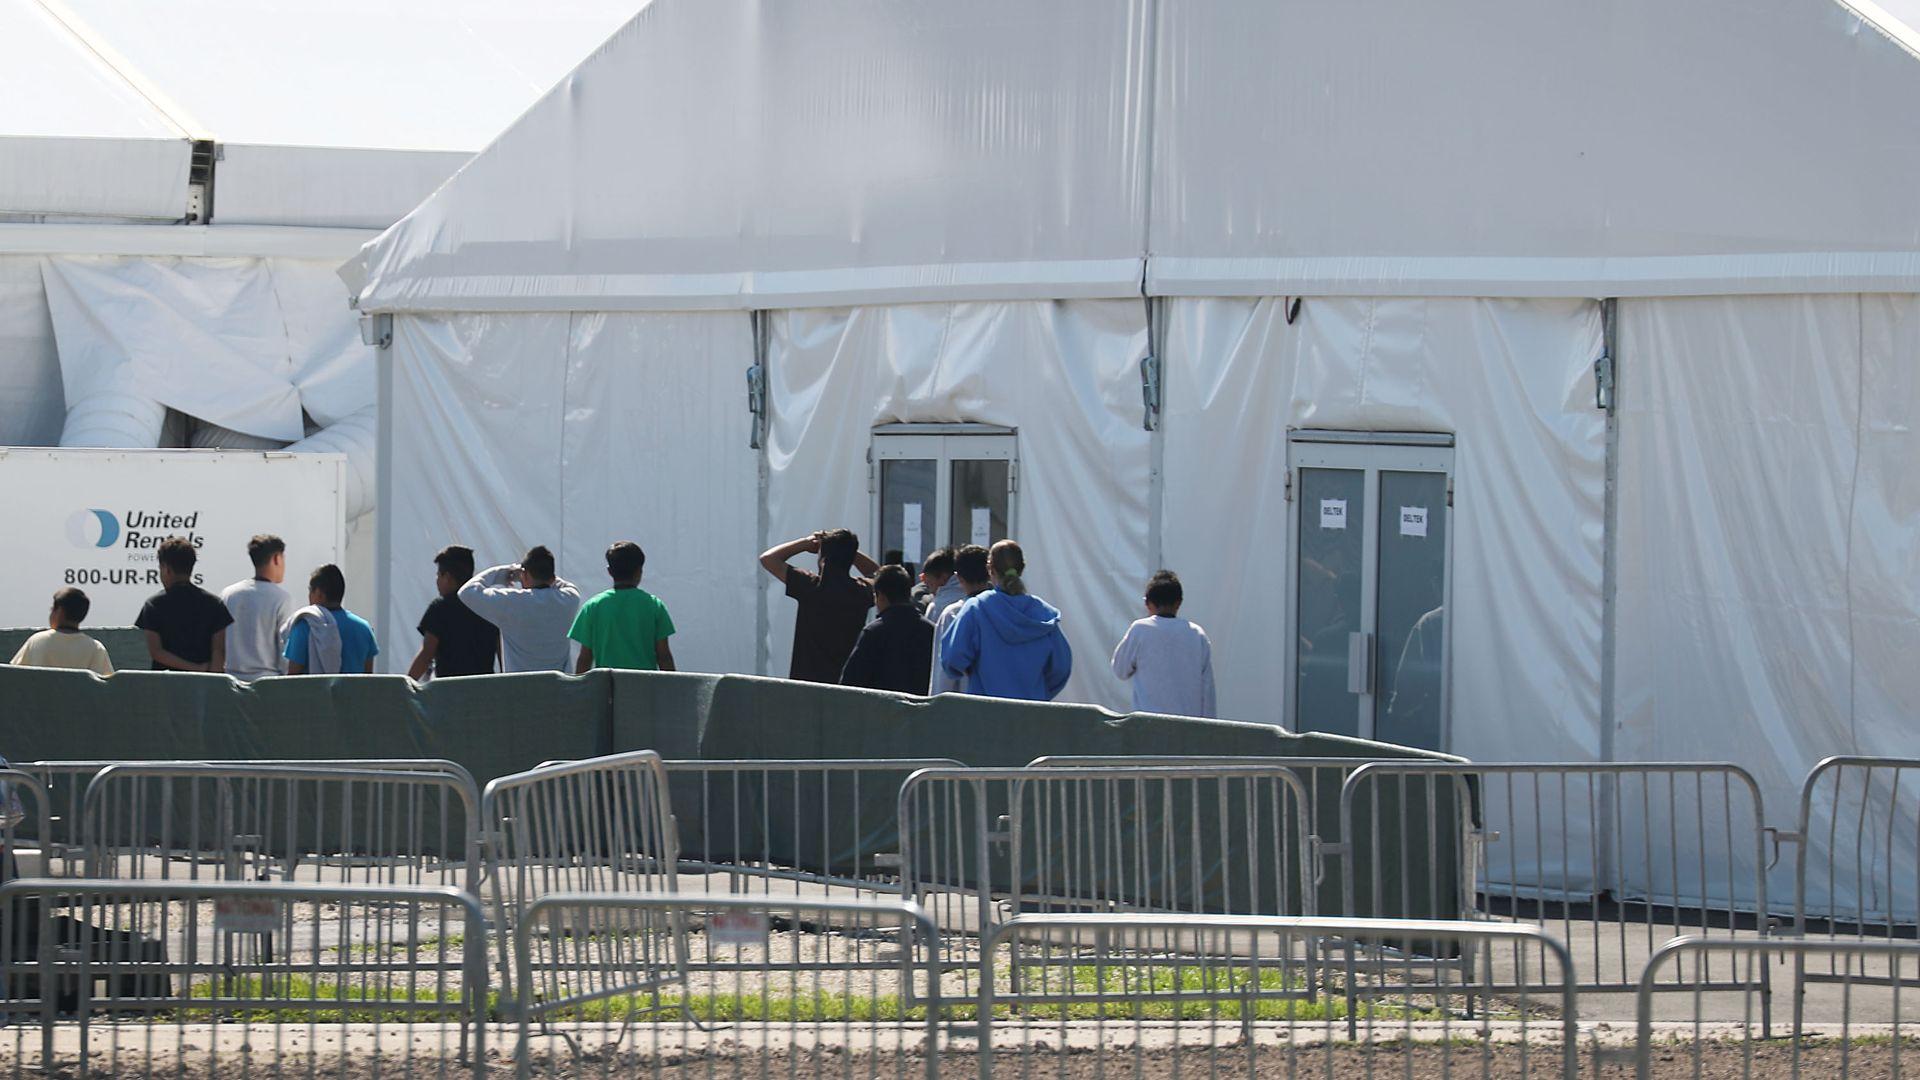 3 Florida congresswomen denied access to largest child detention center in U.S.